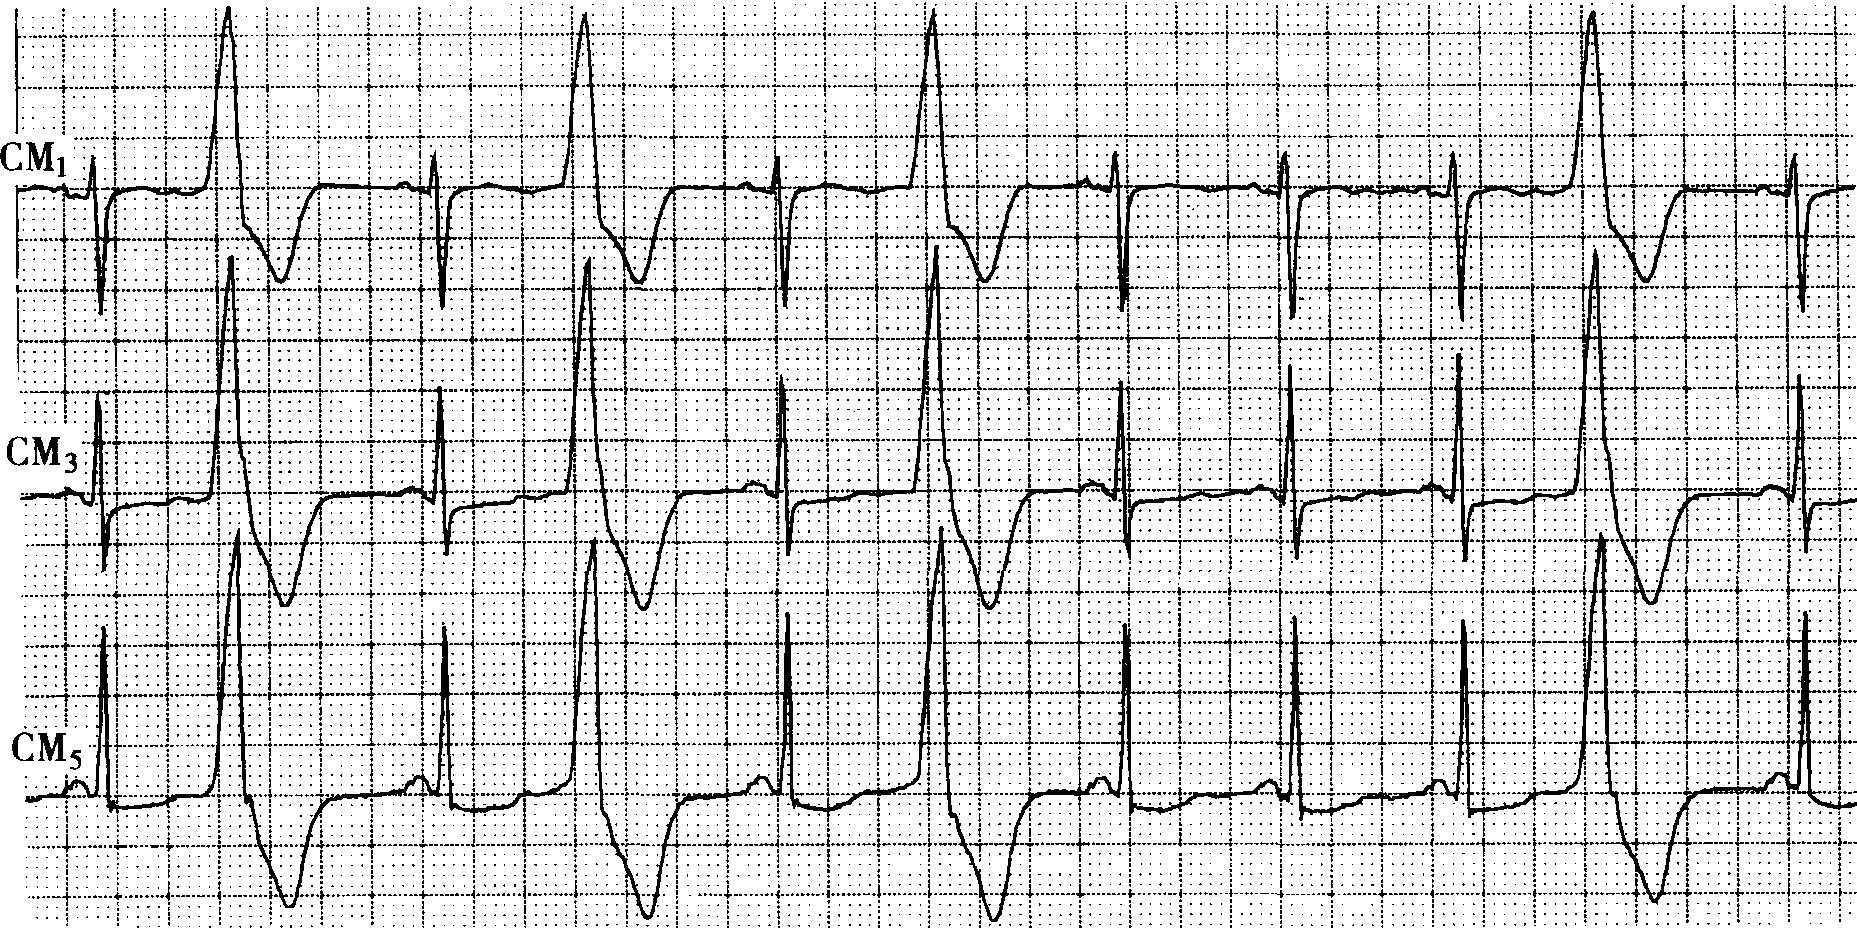 病例4-100 女性,76岁。冠心病。 : 【心电图特征】 窦性心律,心率88次/分钟。CM3、CM5导联ST段下降0.05~0.10mV,T波低平。室性早搏呈R型,两个室性早搏之间的窦性心搏数为1与3,提示室性早搏二联律伴间歇性传出阻滞。【心电图诊断】窦性心律; 慢 ......